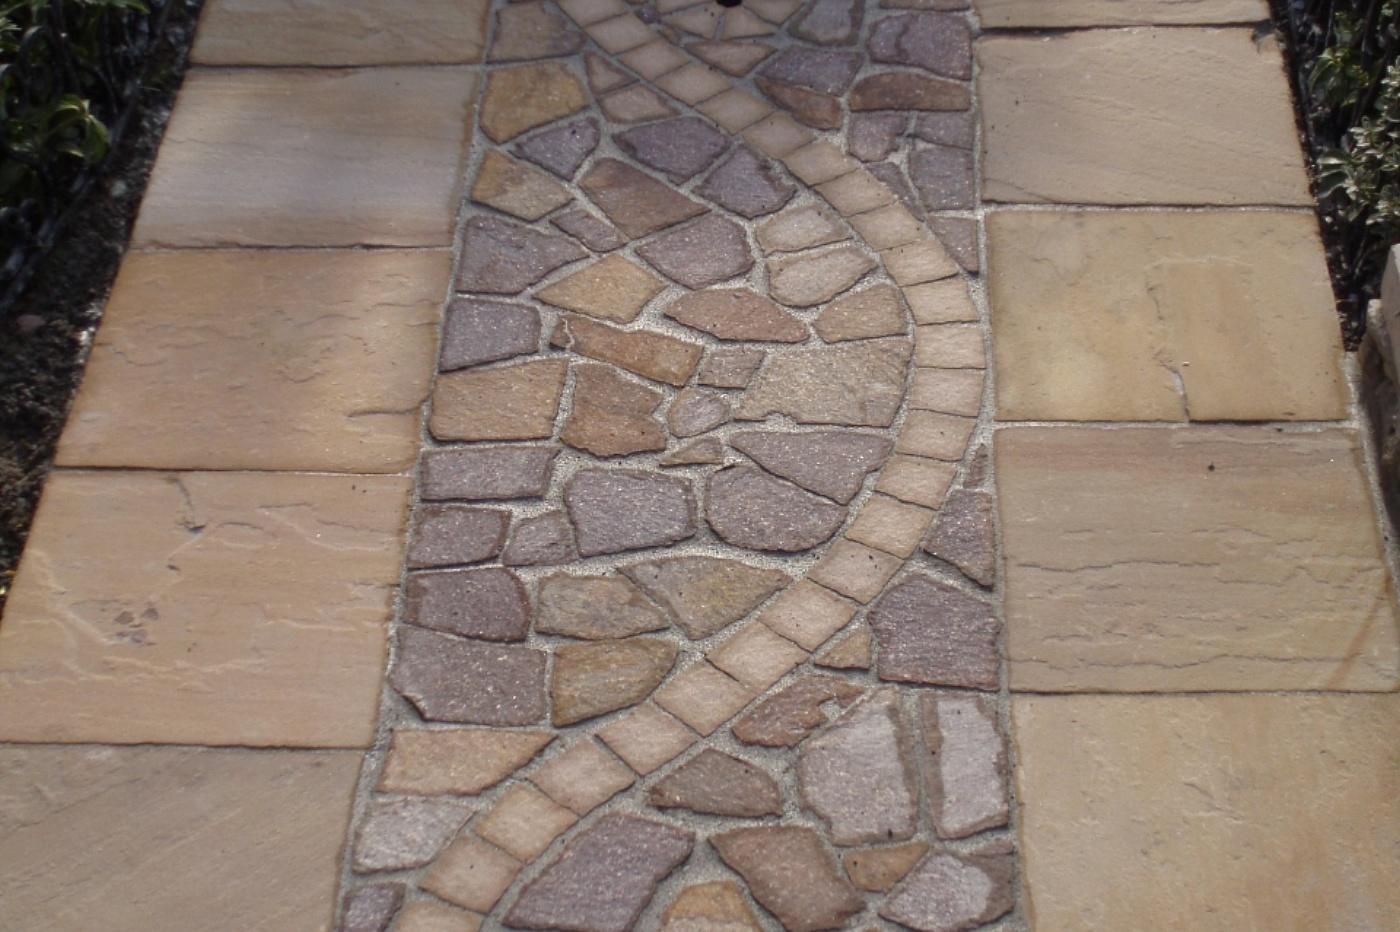 Picaprede di darkin maffi vialetto esterno - Piastrelle di pietra per esterni ...